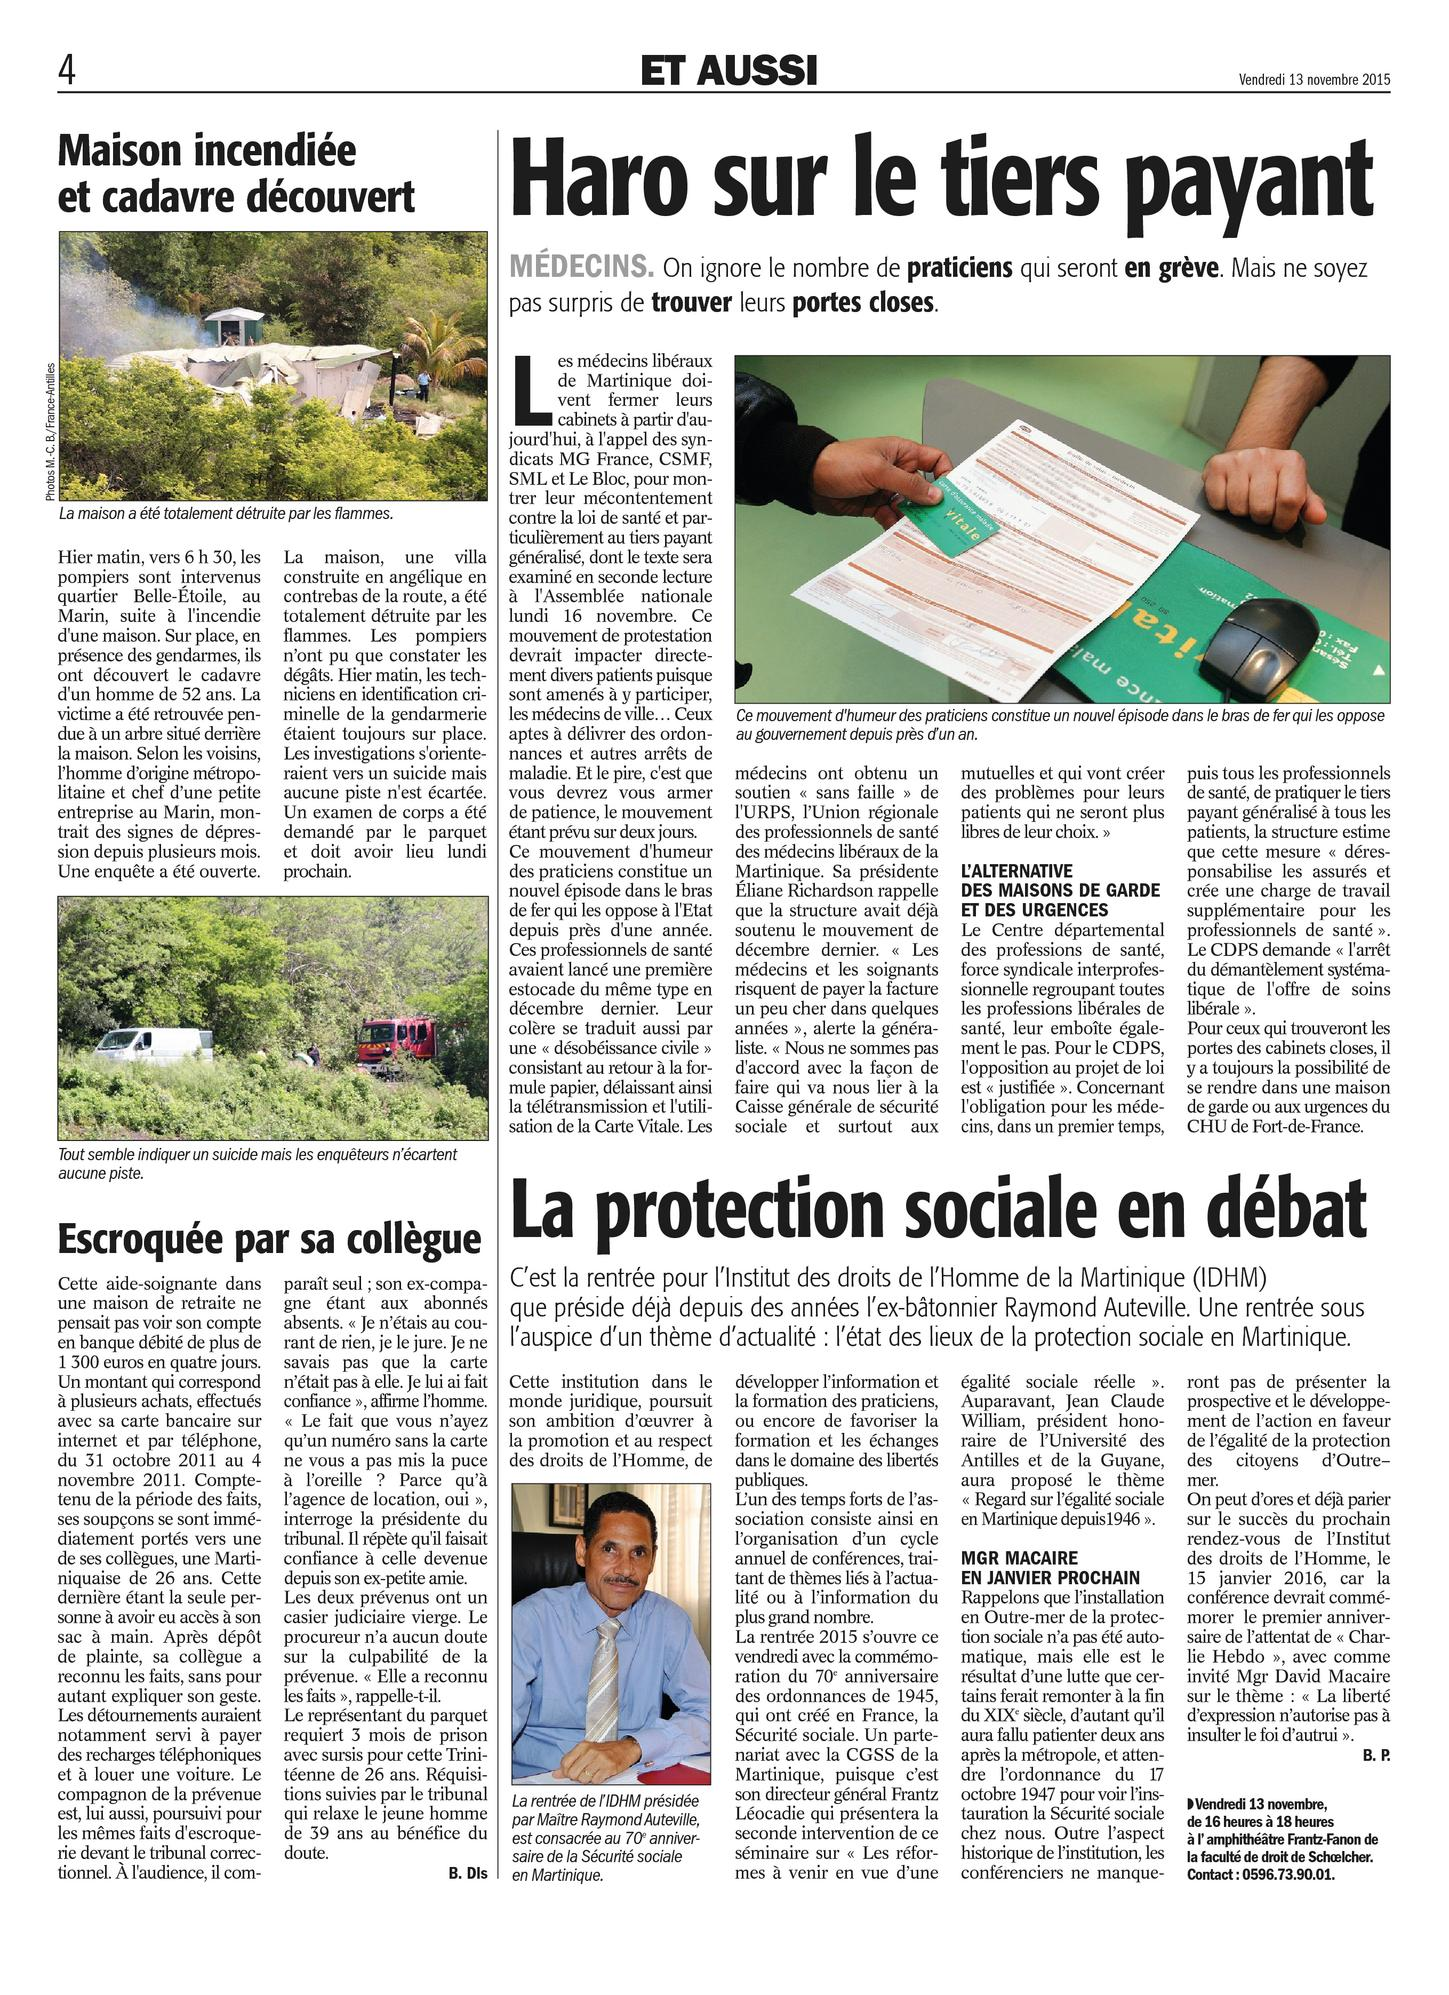 La protection sociale en débat